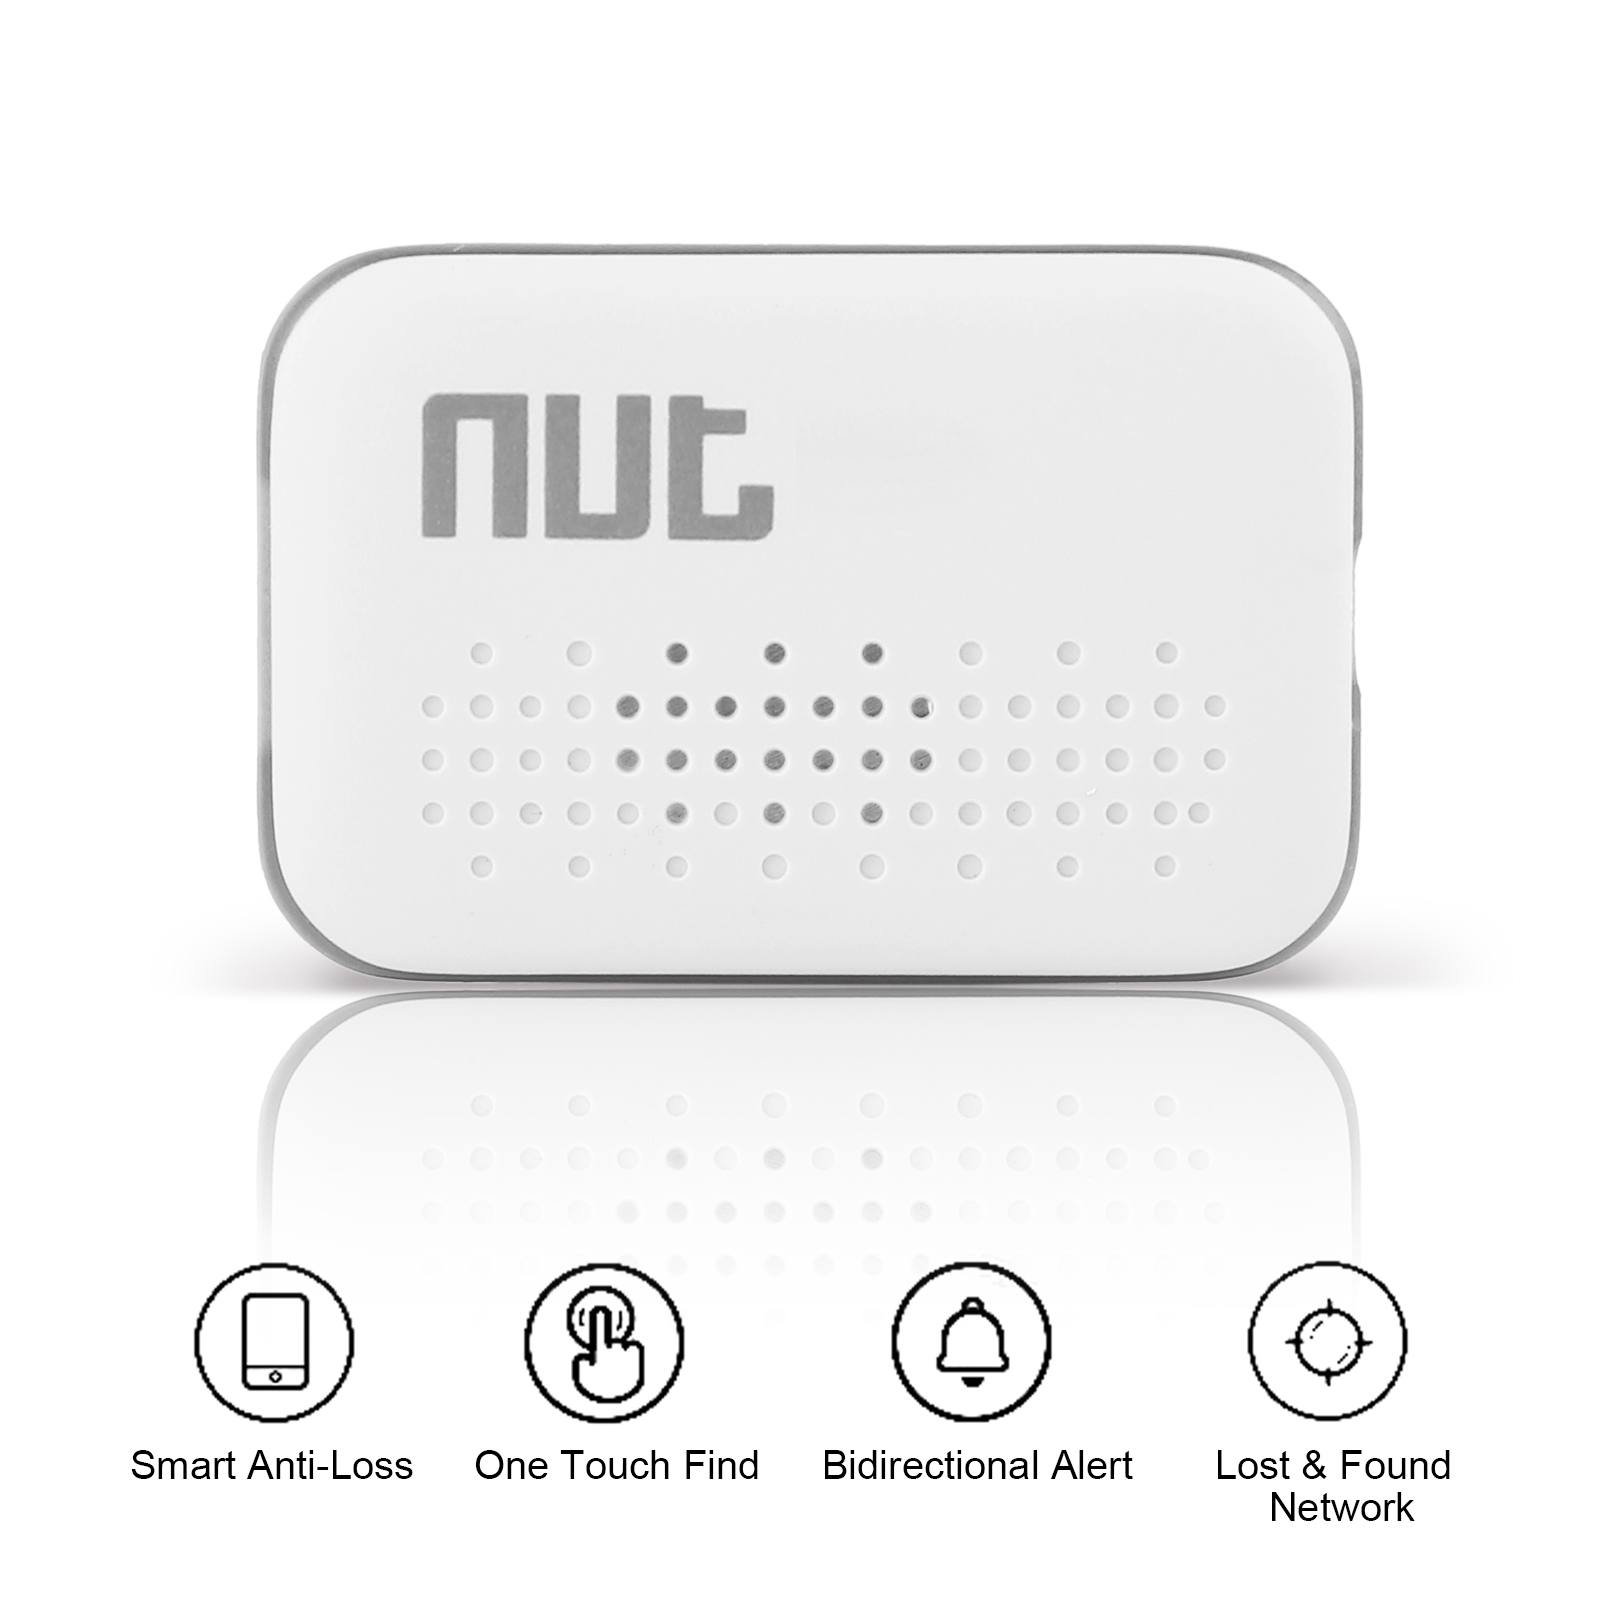 Smart Activity Tracker Smart Tag Drahtlose Bluetooth Tracker Kind Tasche Brieftasche Pet Key Finder Gps Locator 4 Farbe Anti-verloren Alarm Erinnerung